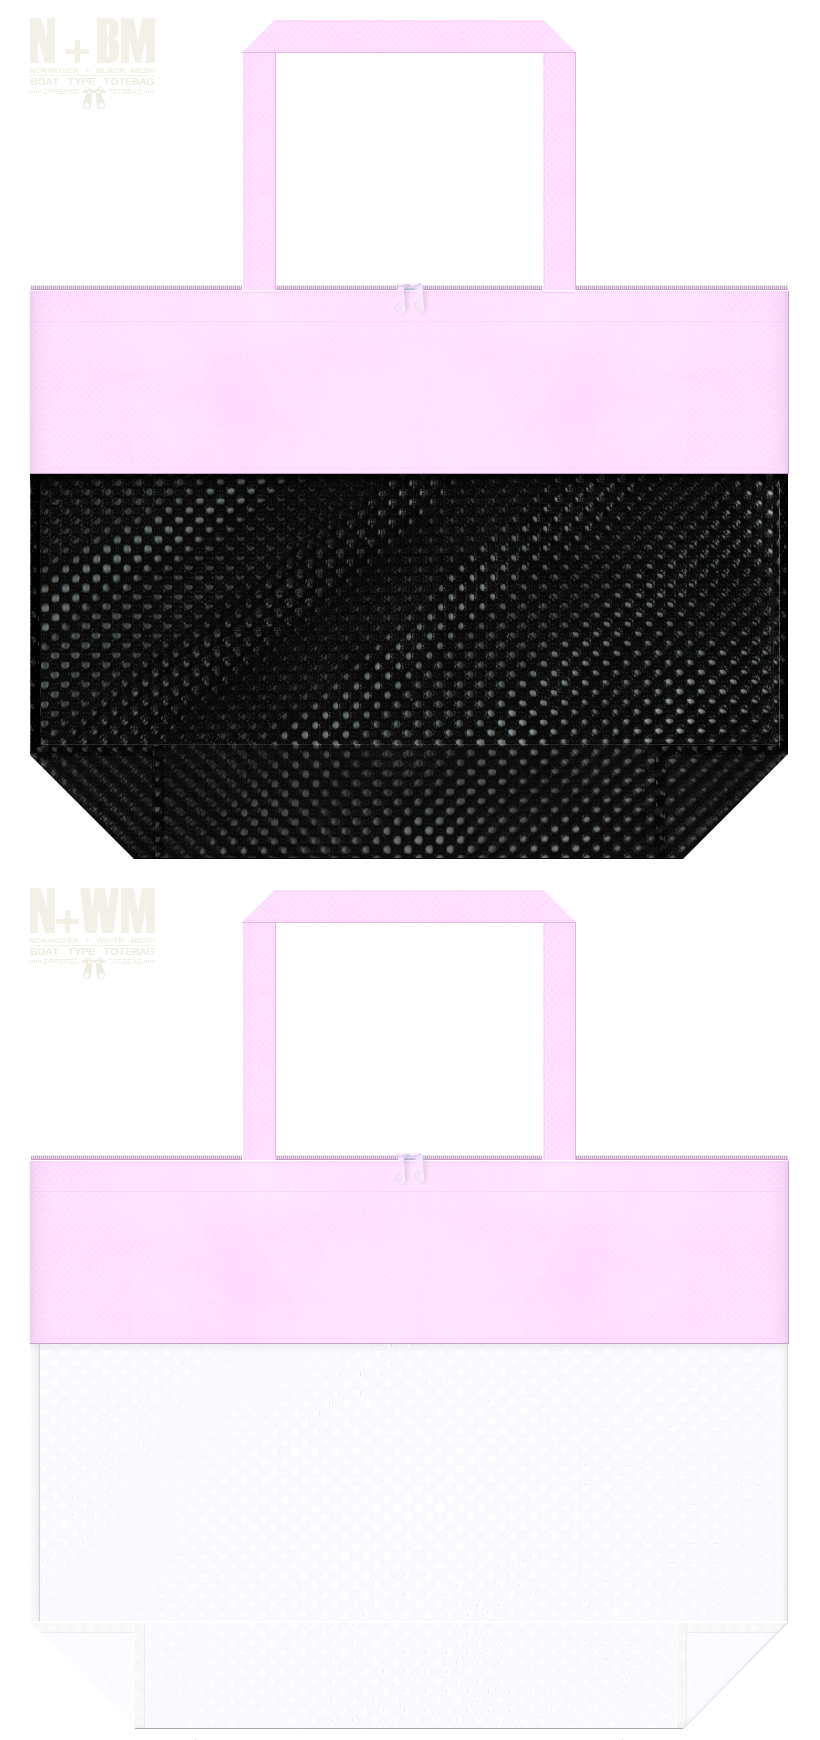 台形型メッシュバッグのカラーシミュレーション:黒色・白色メッシュとパステルピンク色不織布の組み合わせ